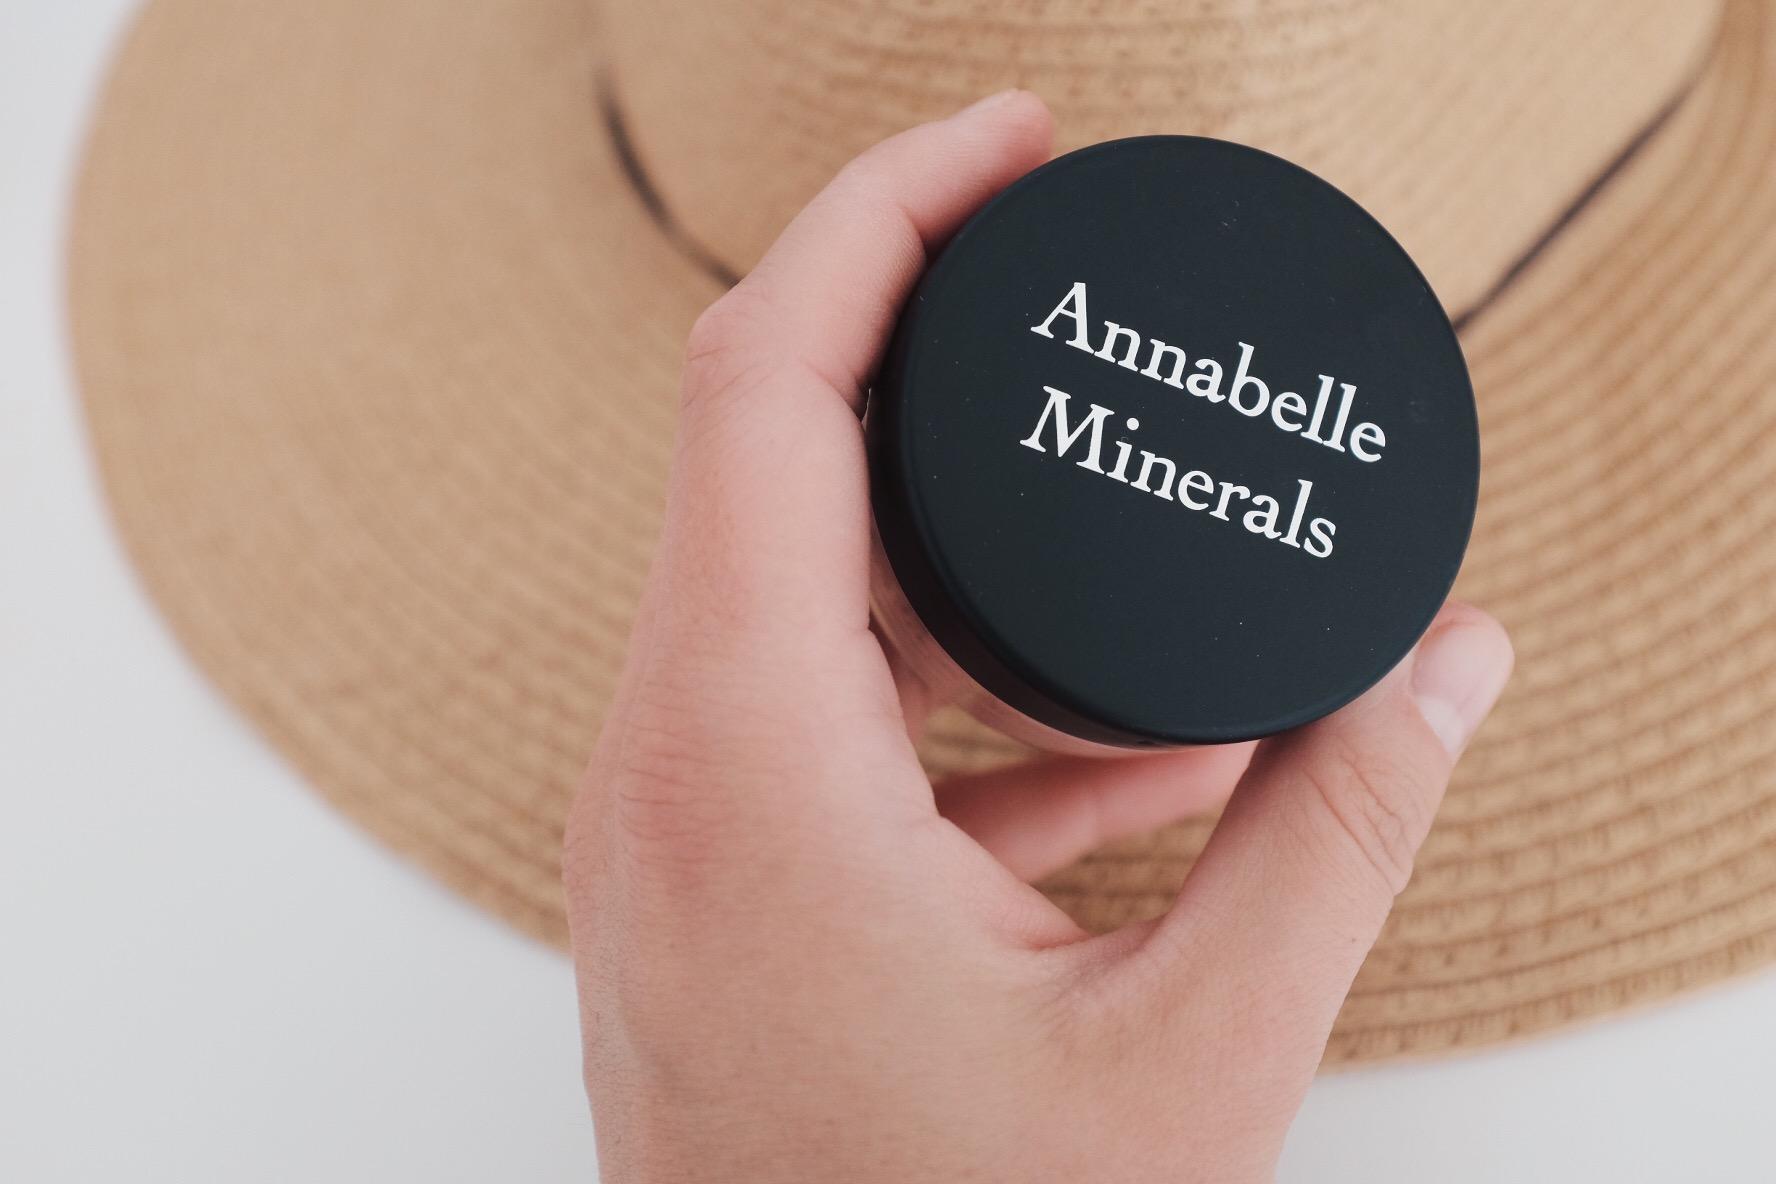 Annabelle Minerals podkład rozświetlający